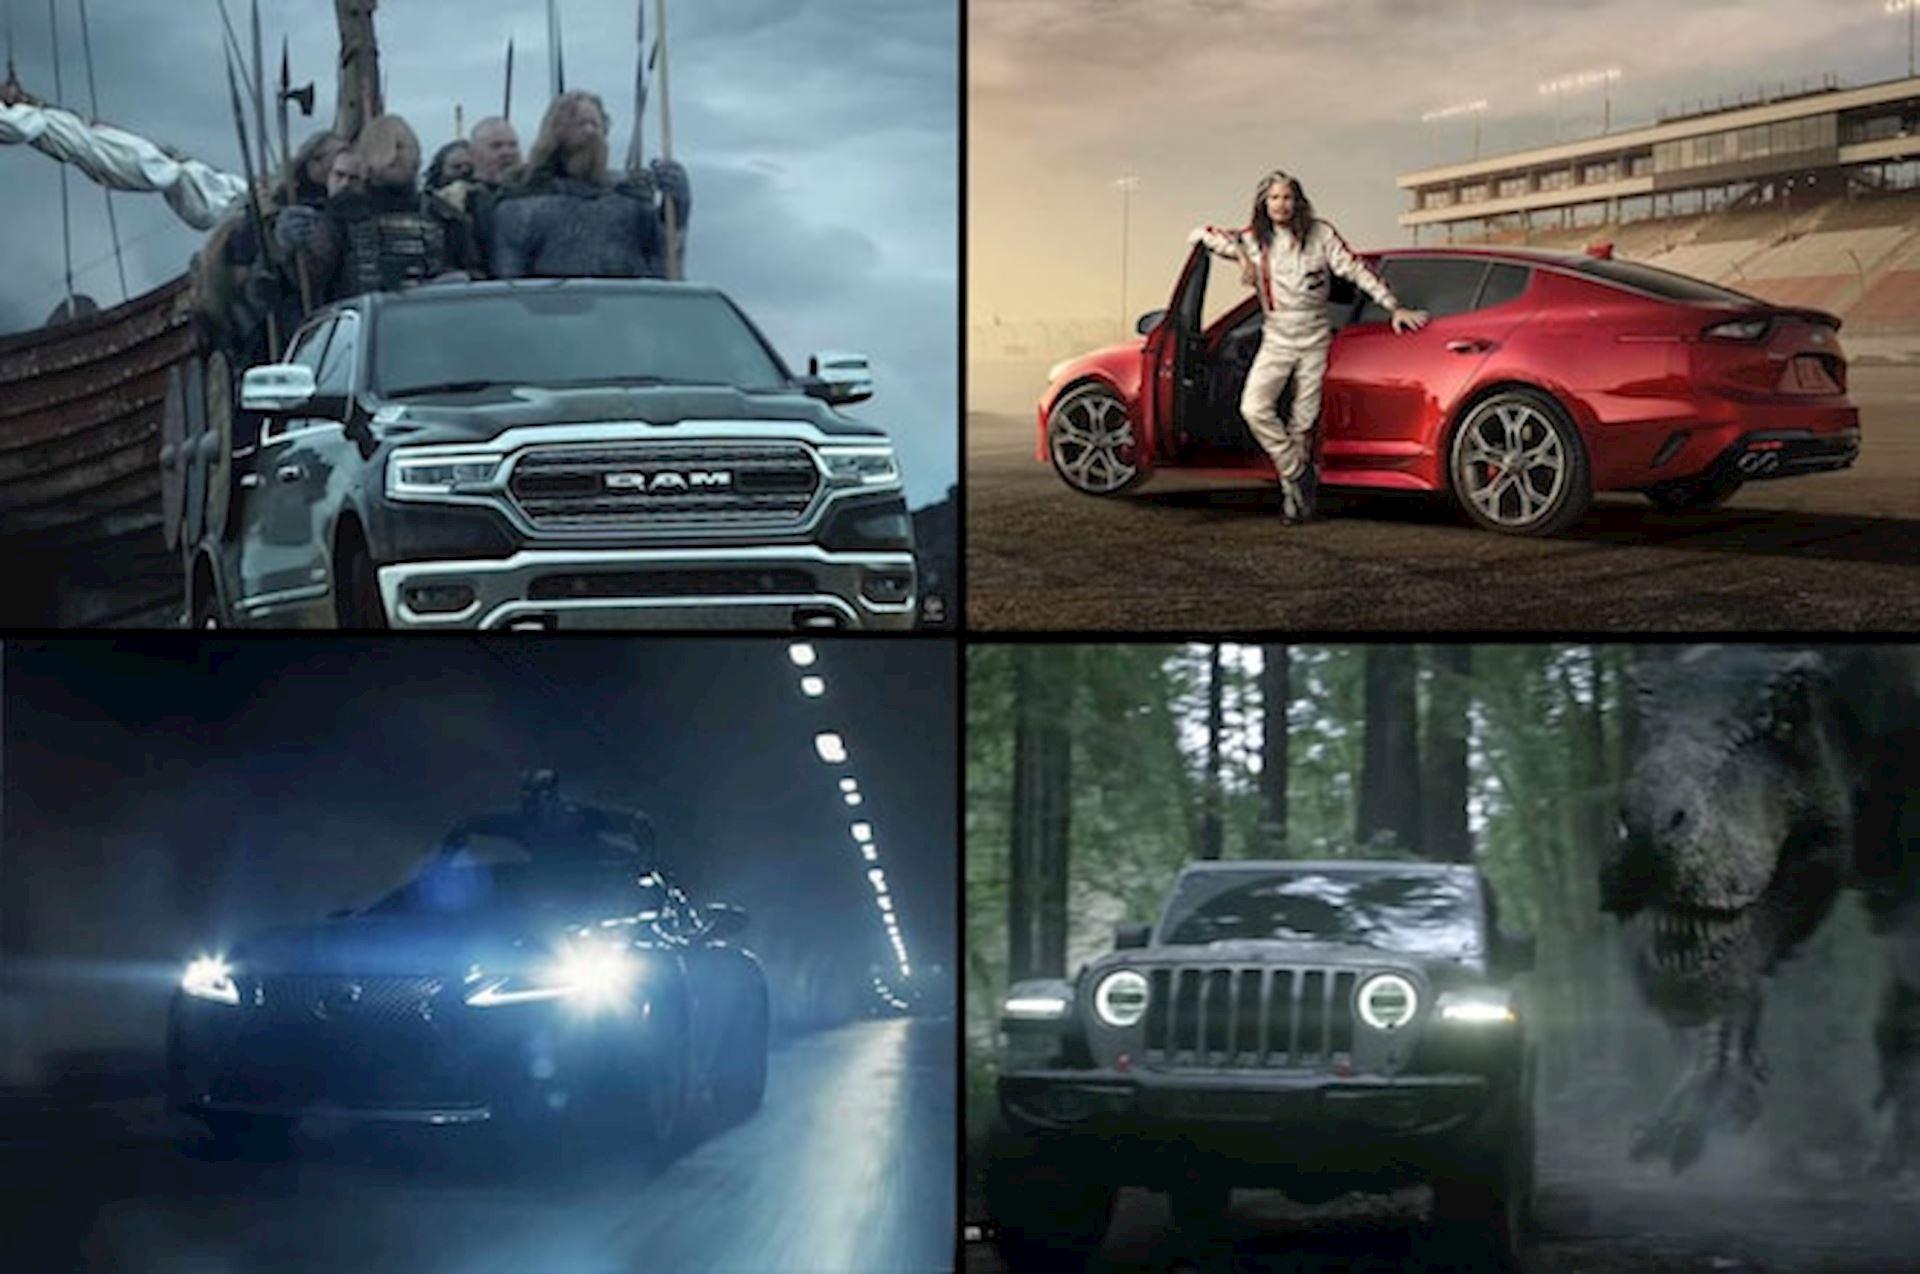 The Car Commercials Of Super Bowl LII